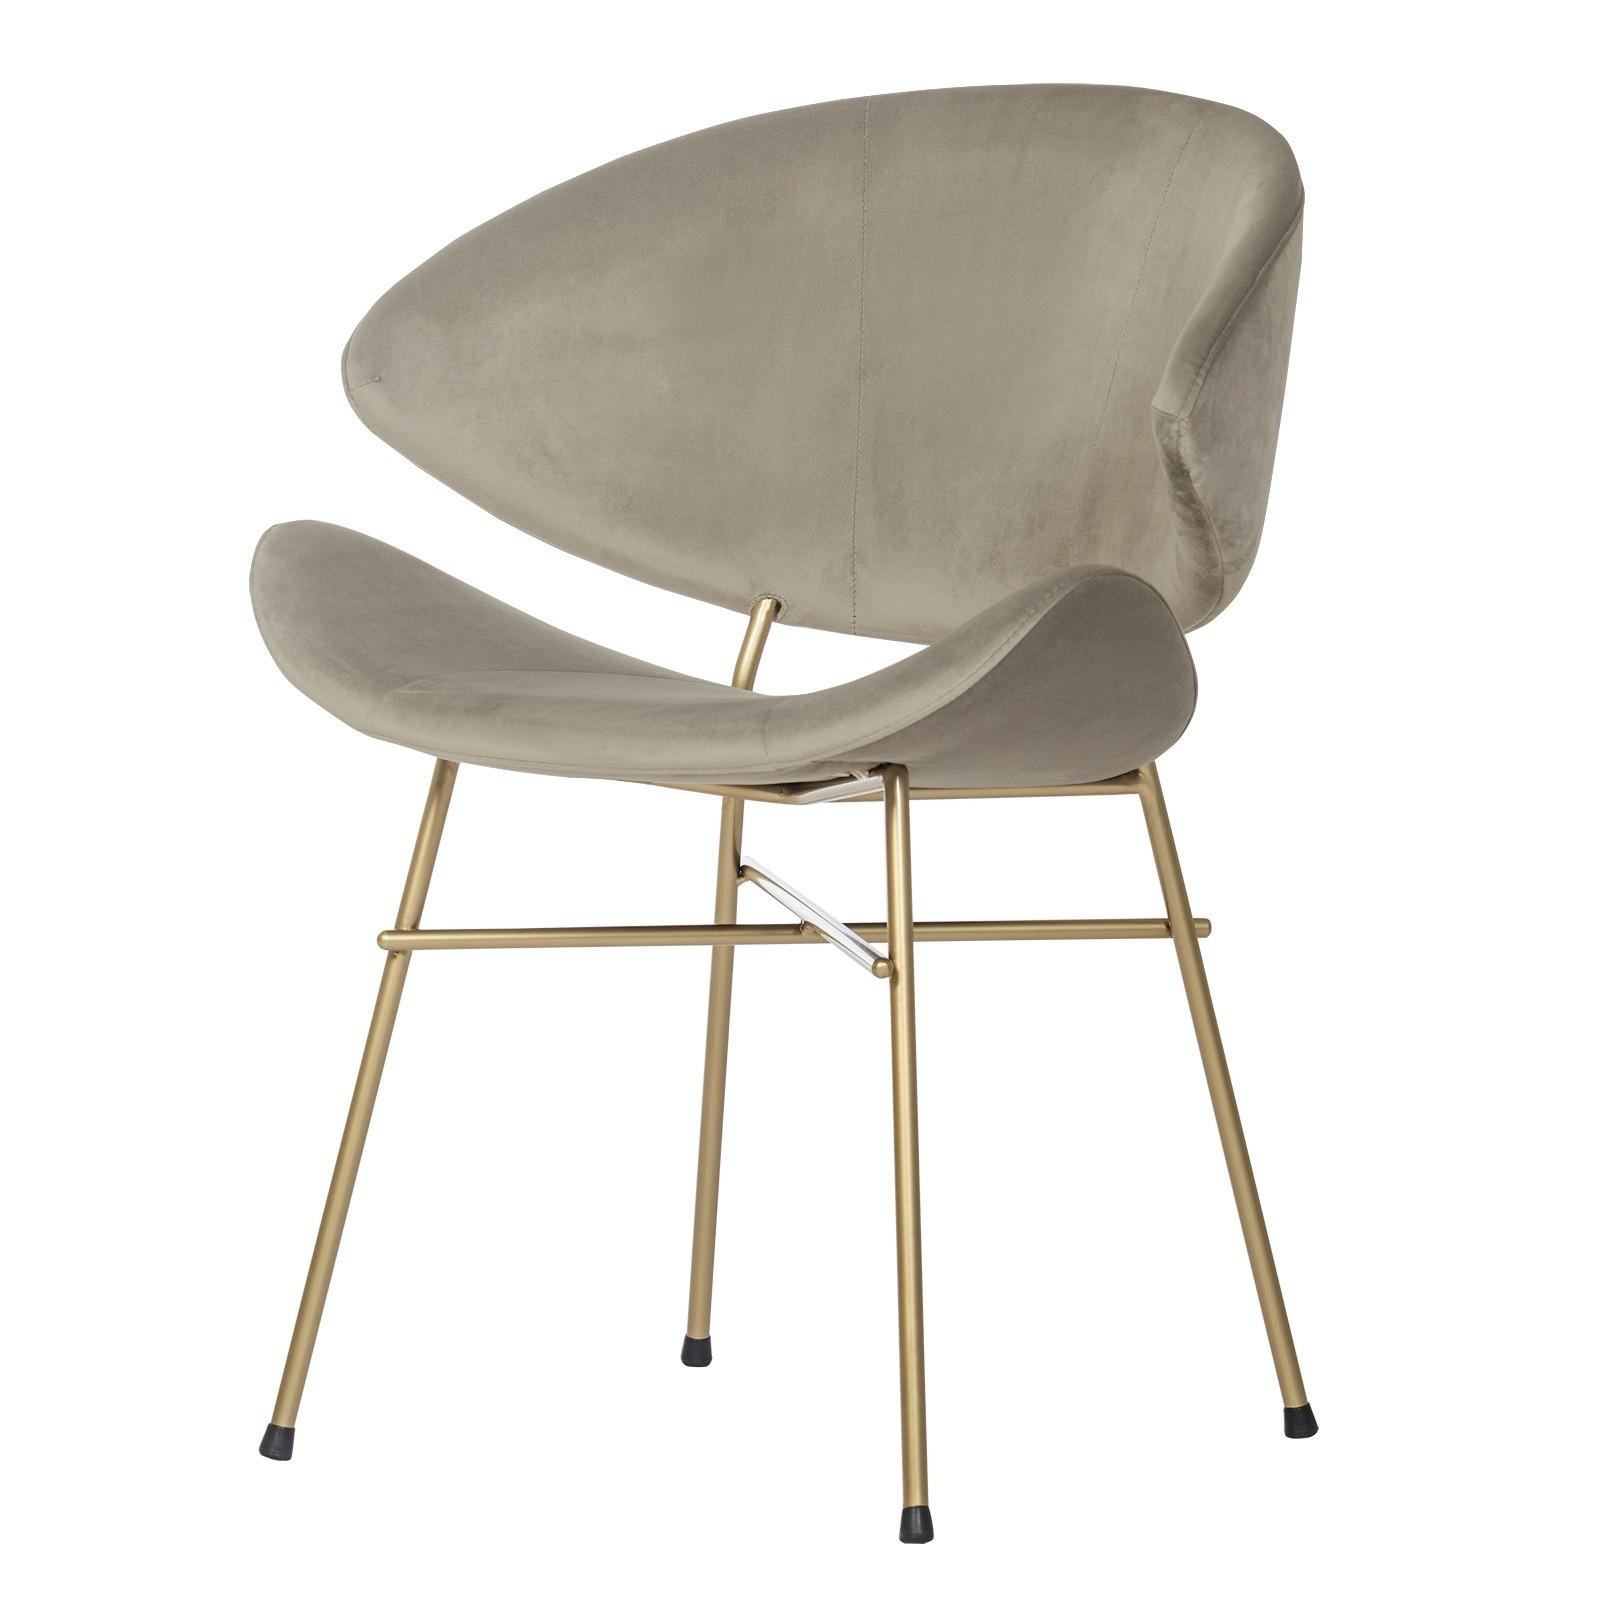 Cheri Gold chair - beige